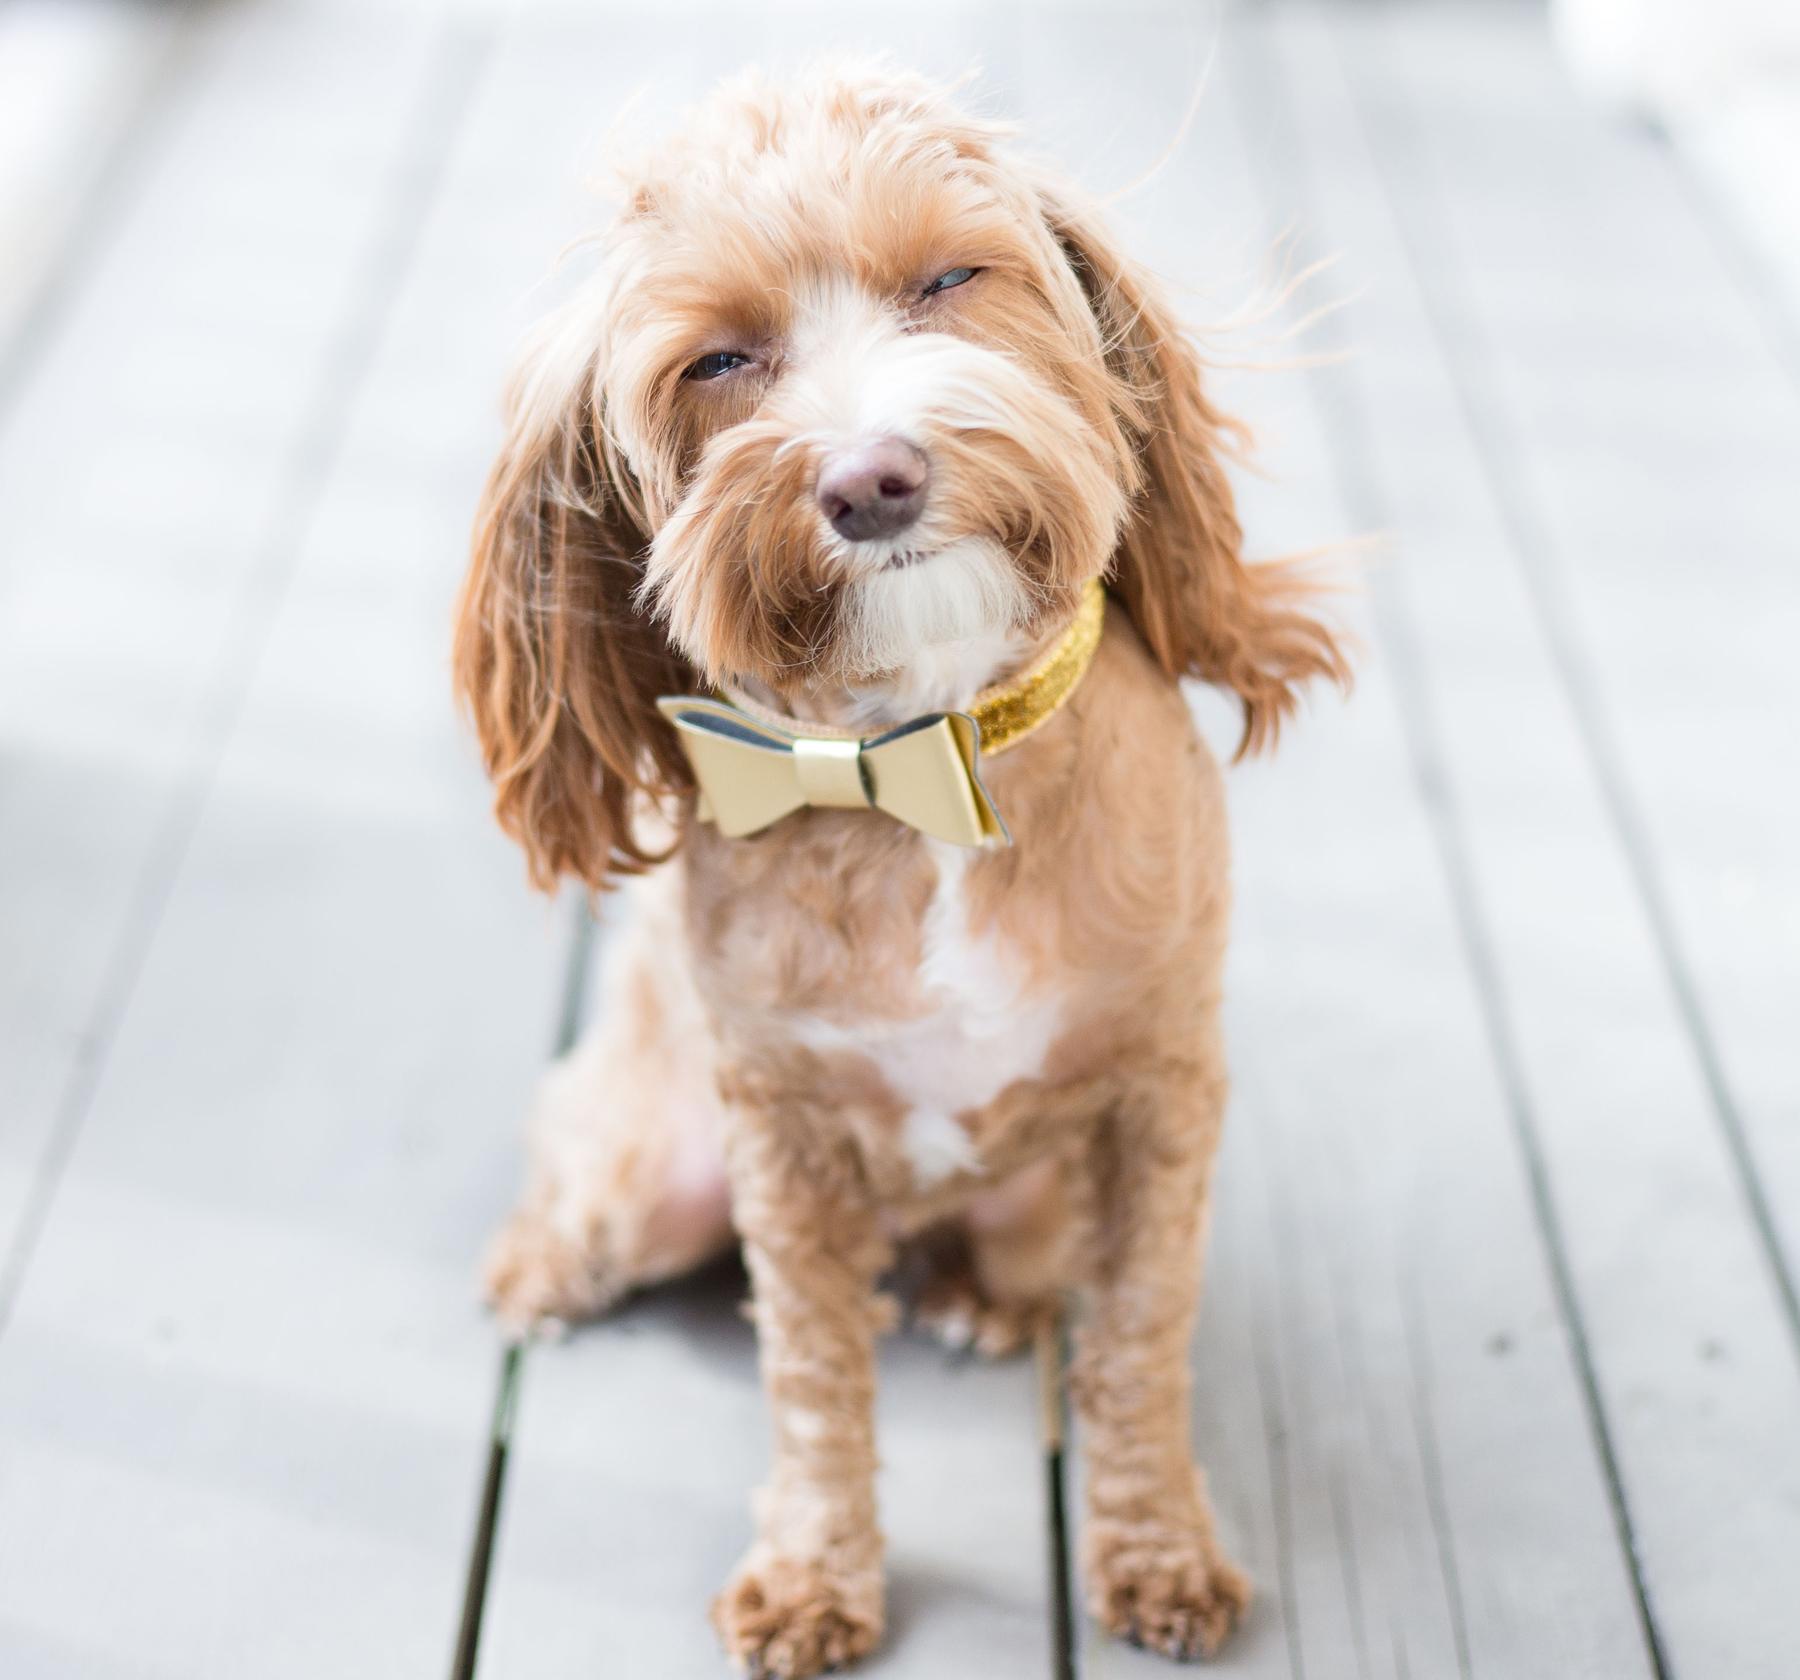 うちの犬のことをもっと知りたい!写真から伝わる犬の気持ちとは?